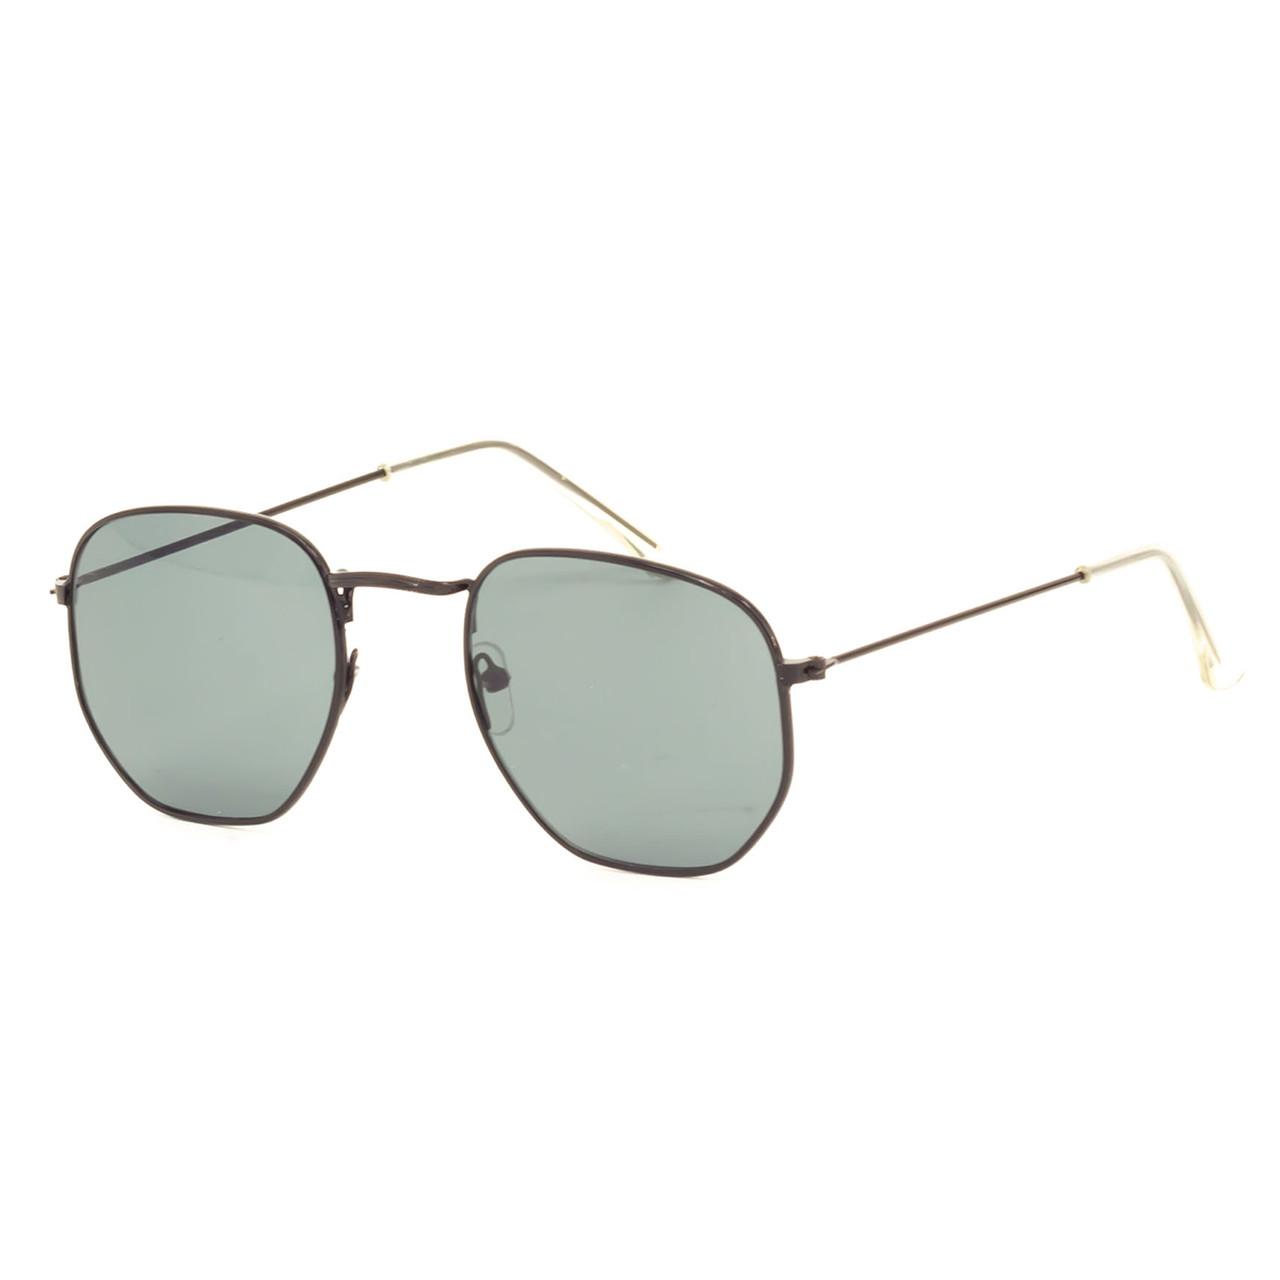 Солнцезащитные очки Marmilen 3548 C1 черные     ( YU3548-01 )